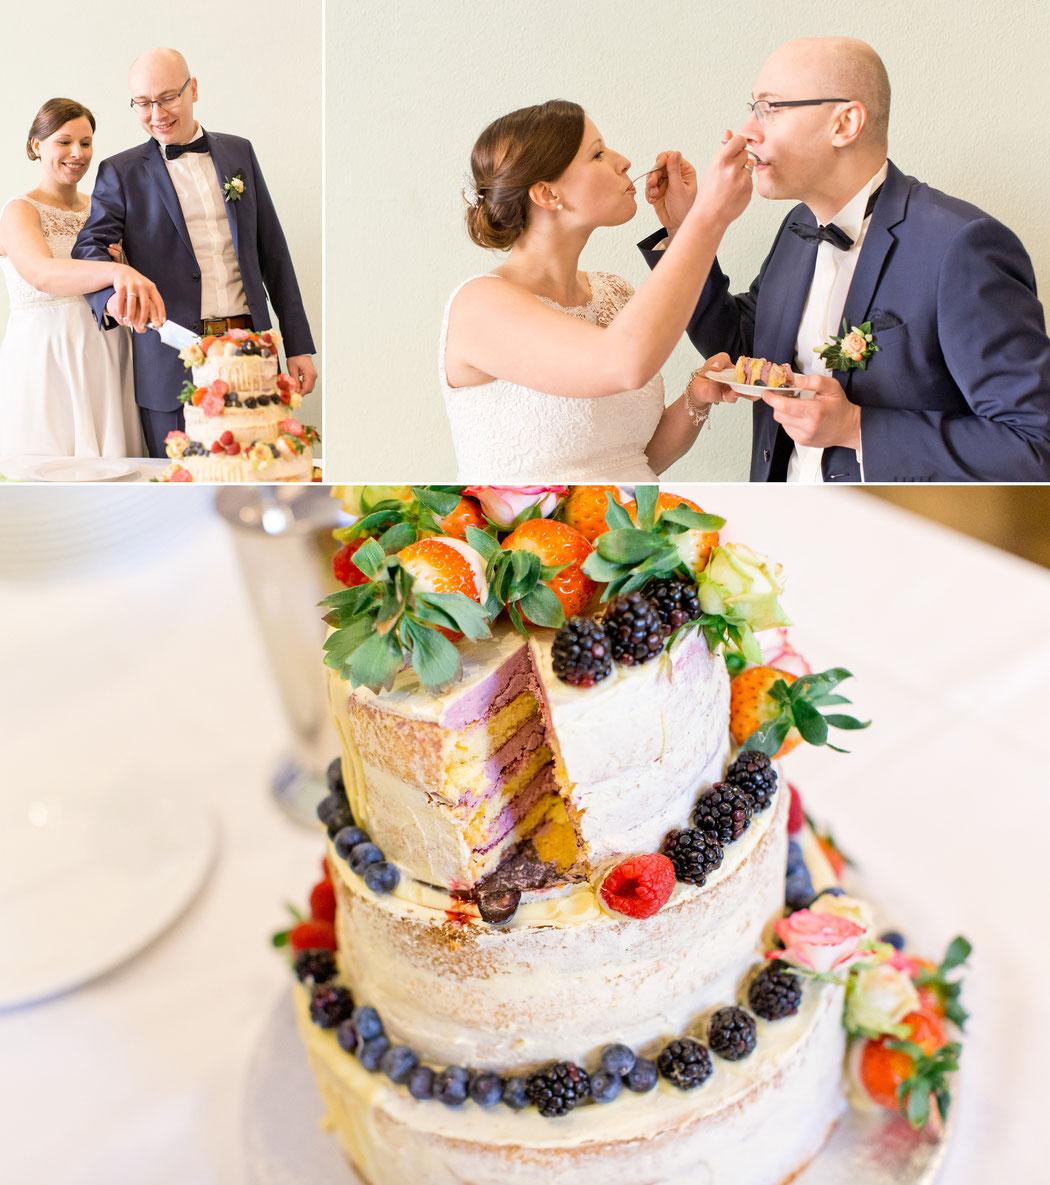 Hochzeitstorte anschneiden chemnitz